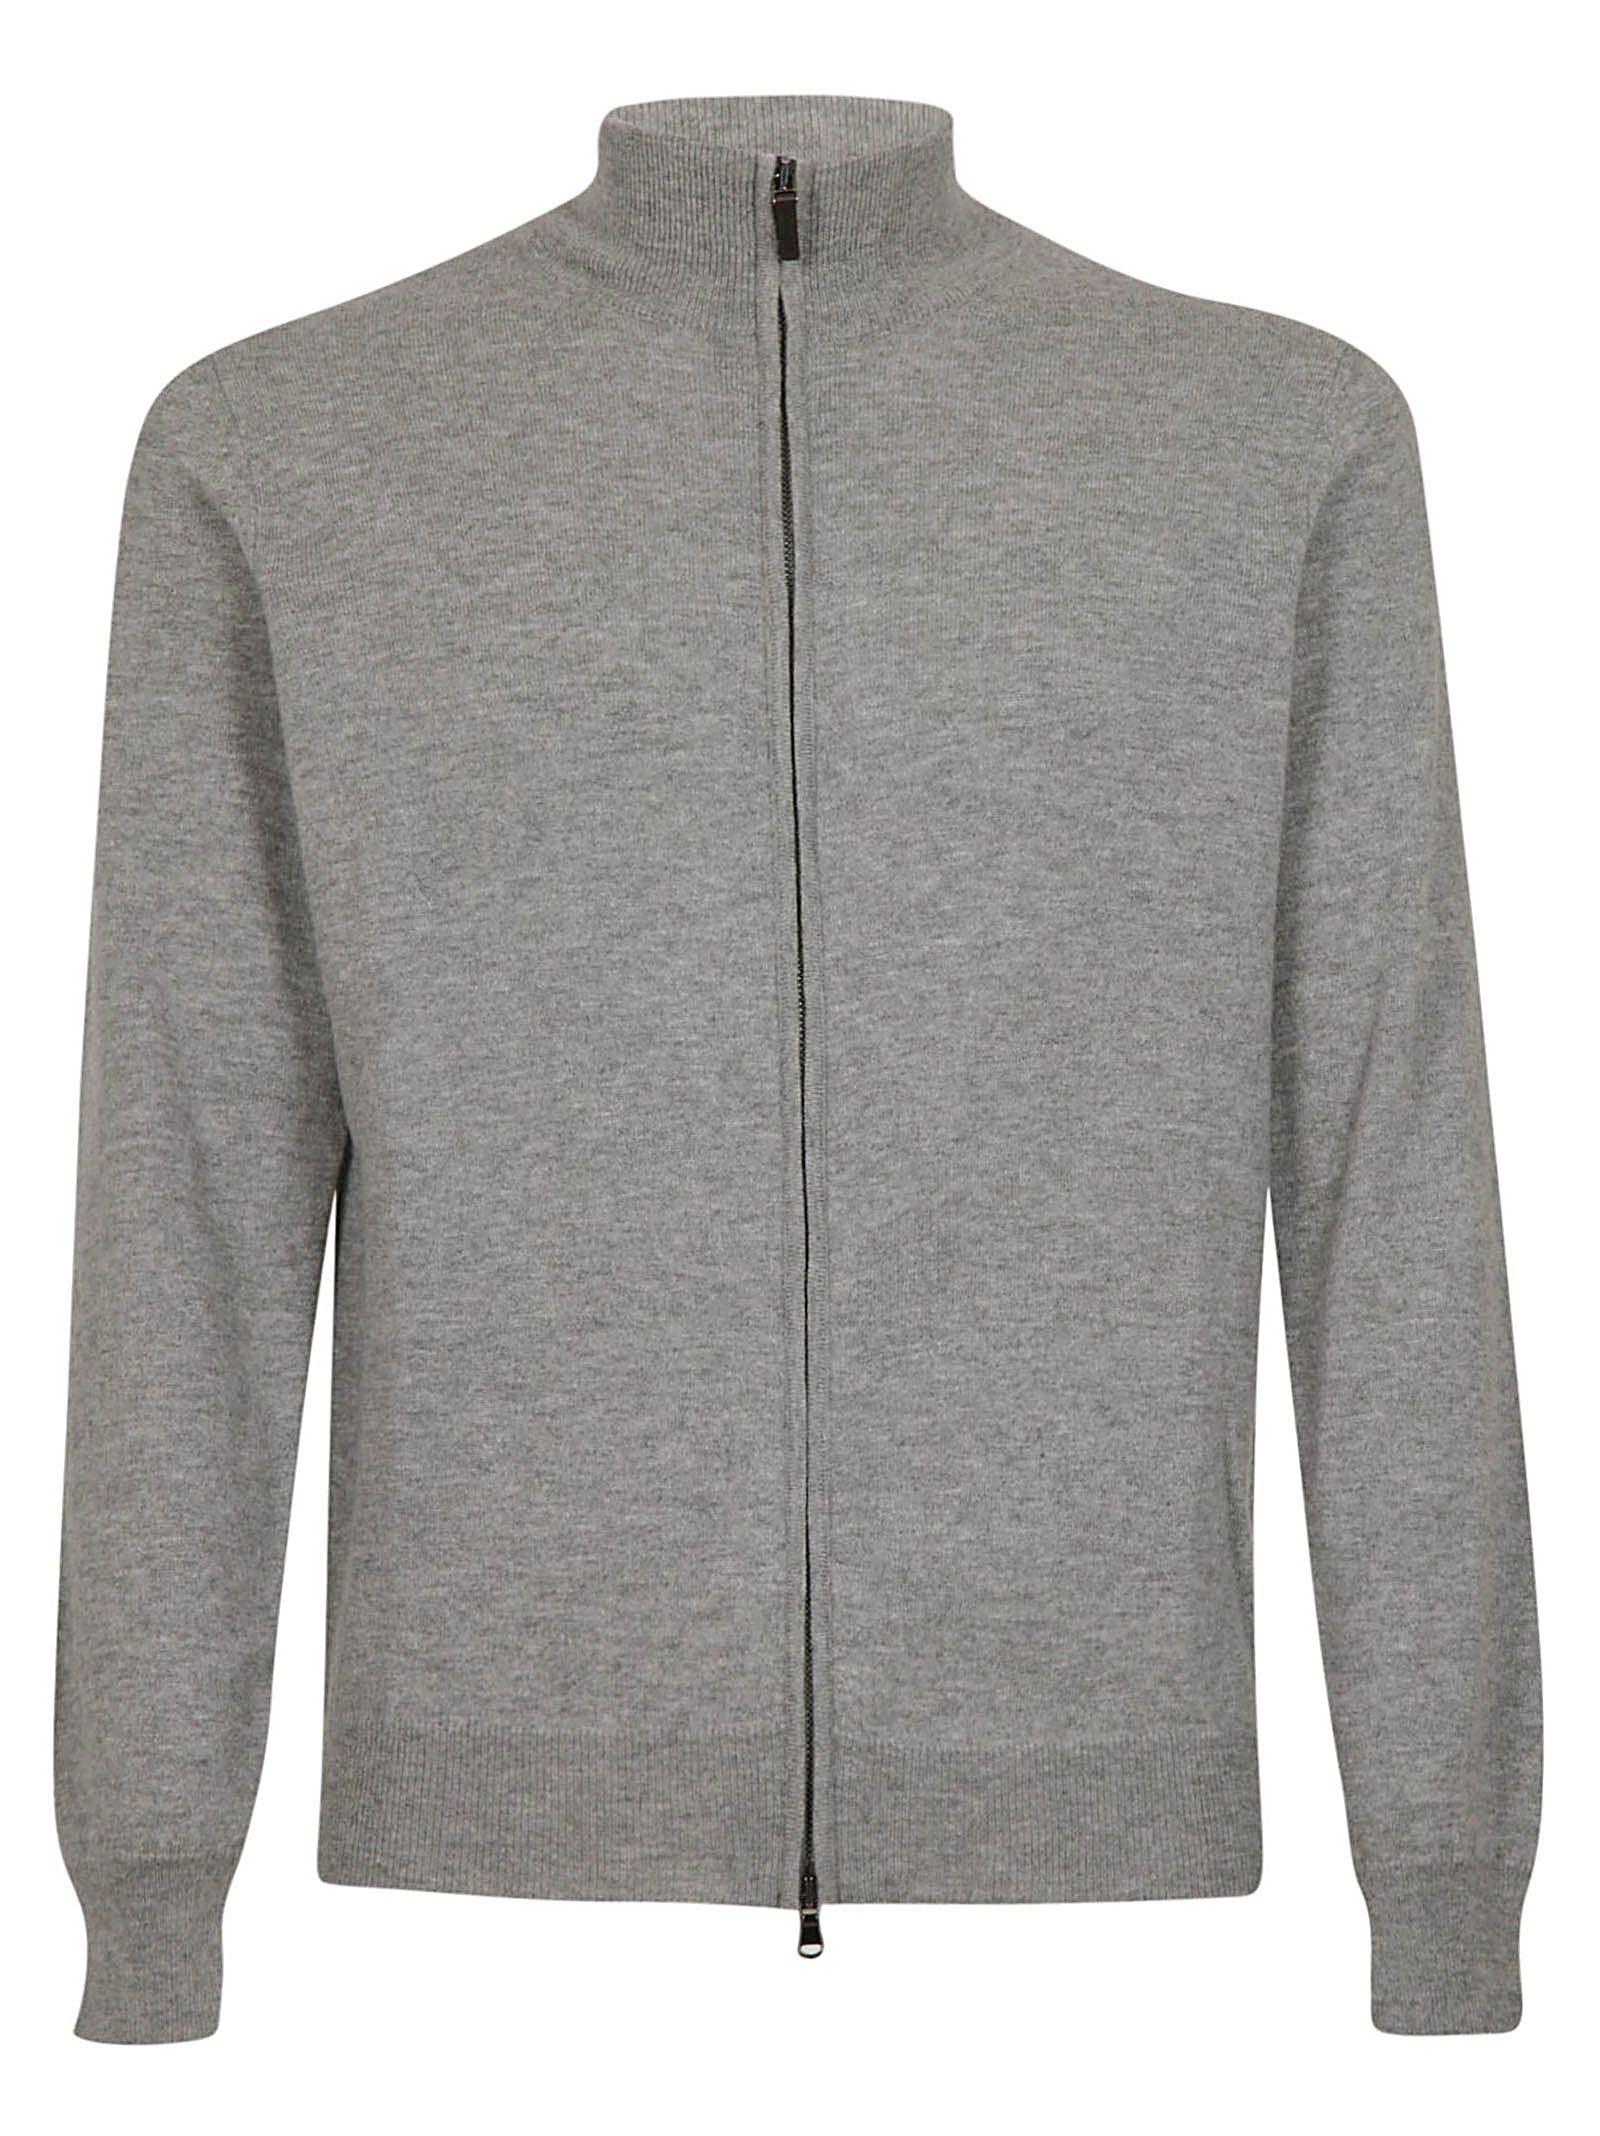 KANGRA Zipped Jacket in Grigio Chiaro